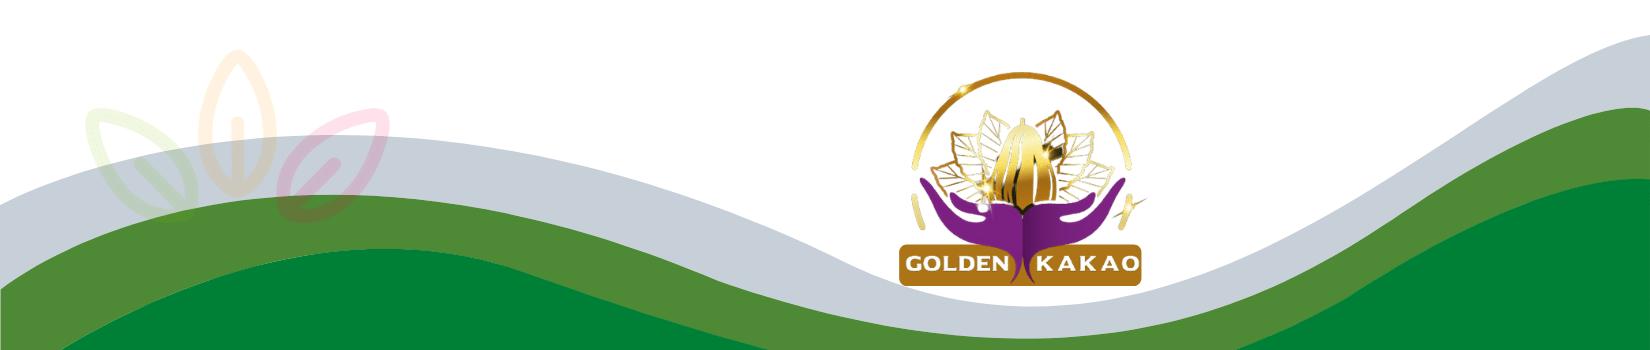 goldenkakao